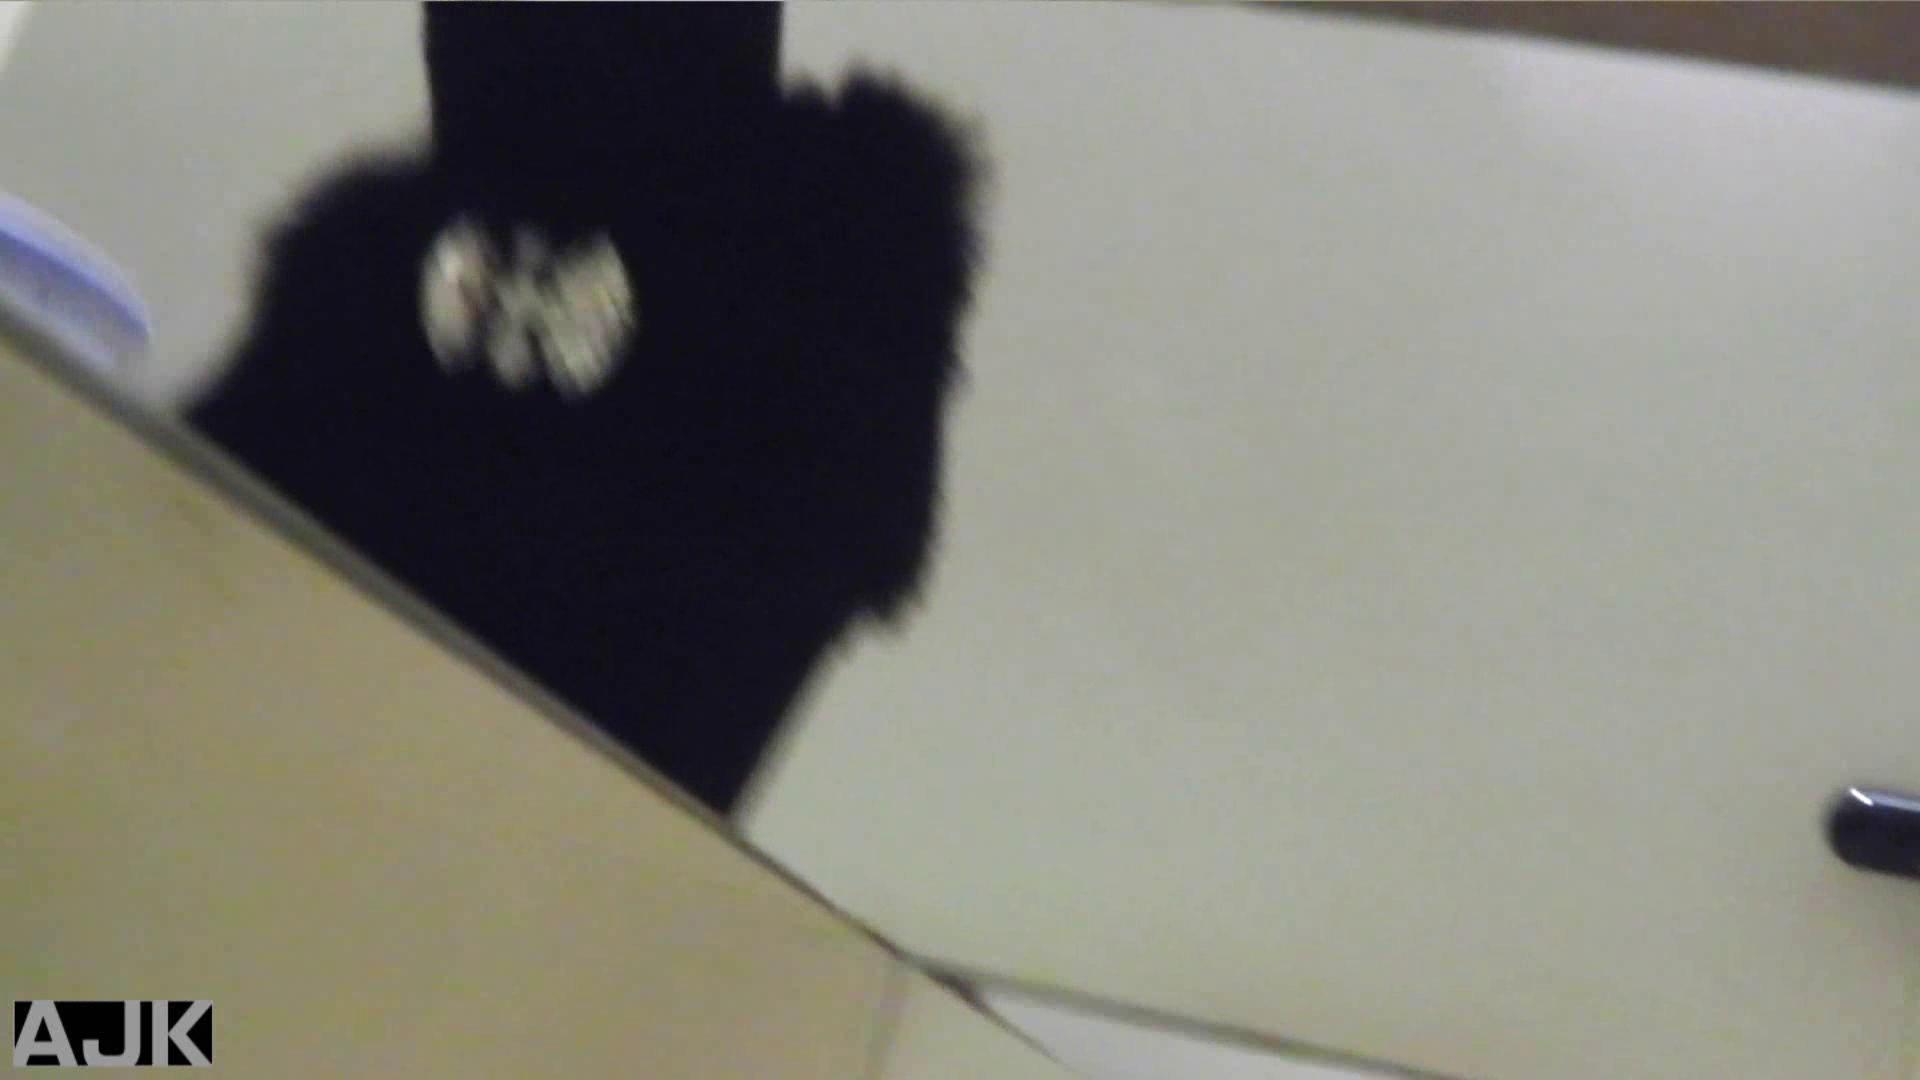 神降臨!史上最強の潜入かわや! vol.07 マンコエロすぎ われめAV動画紹介 83PIX 45